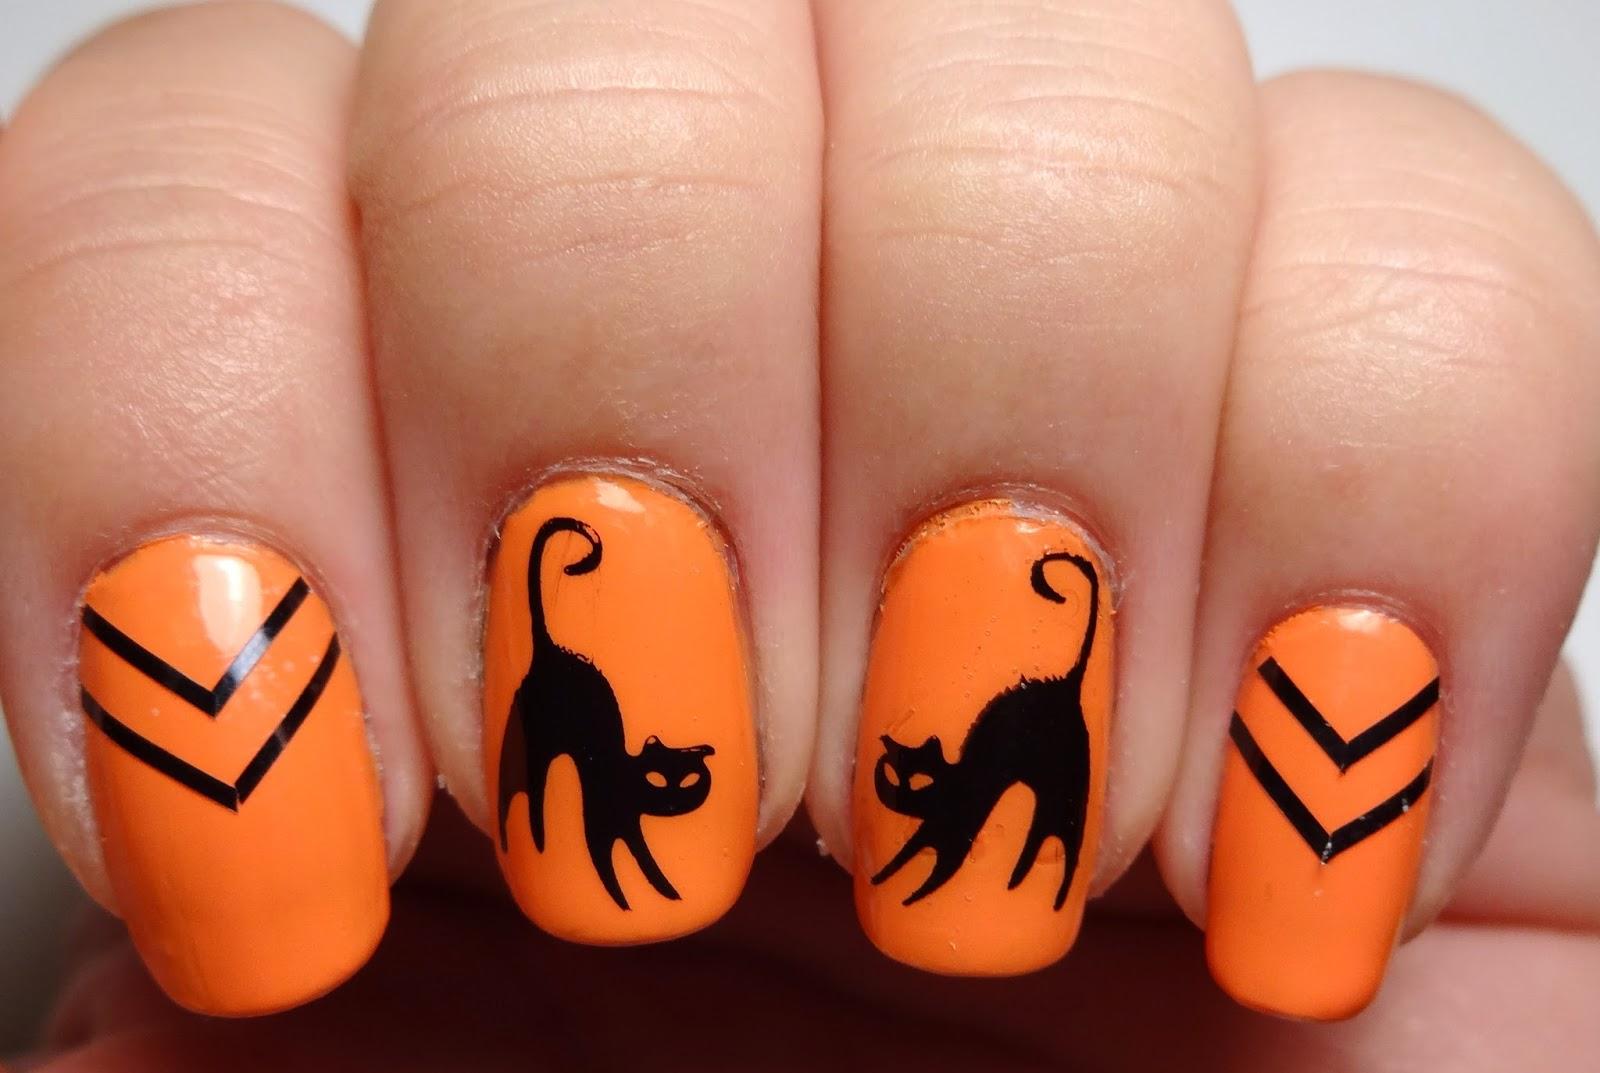 Black Chevron Nails